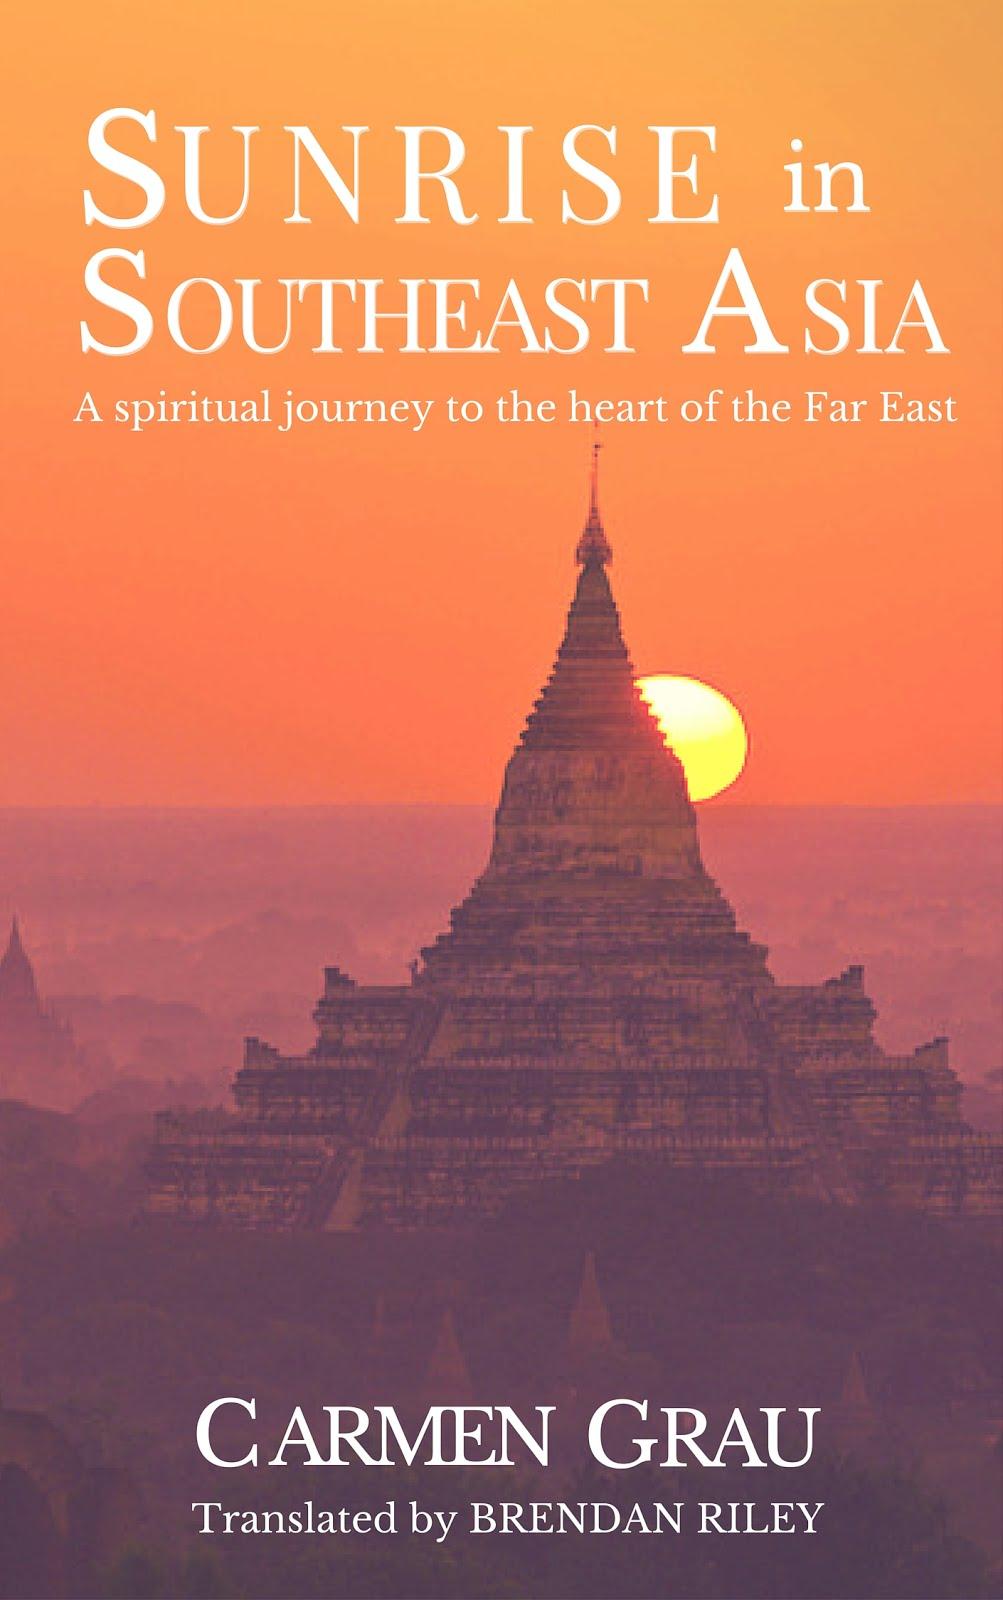 Mi primer libro de viajes en inglés